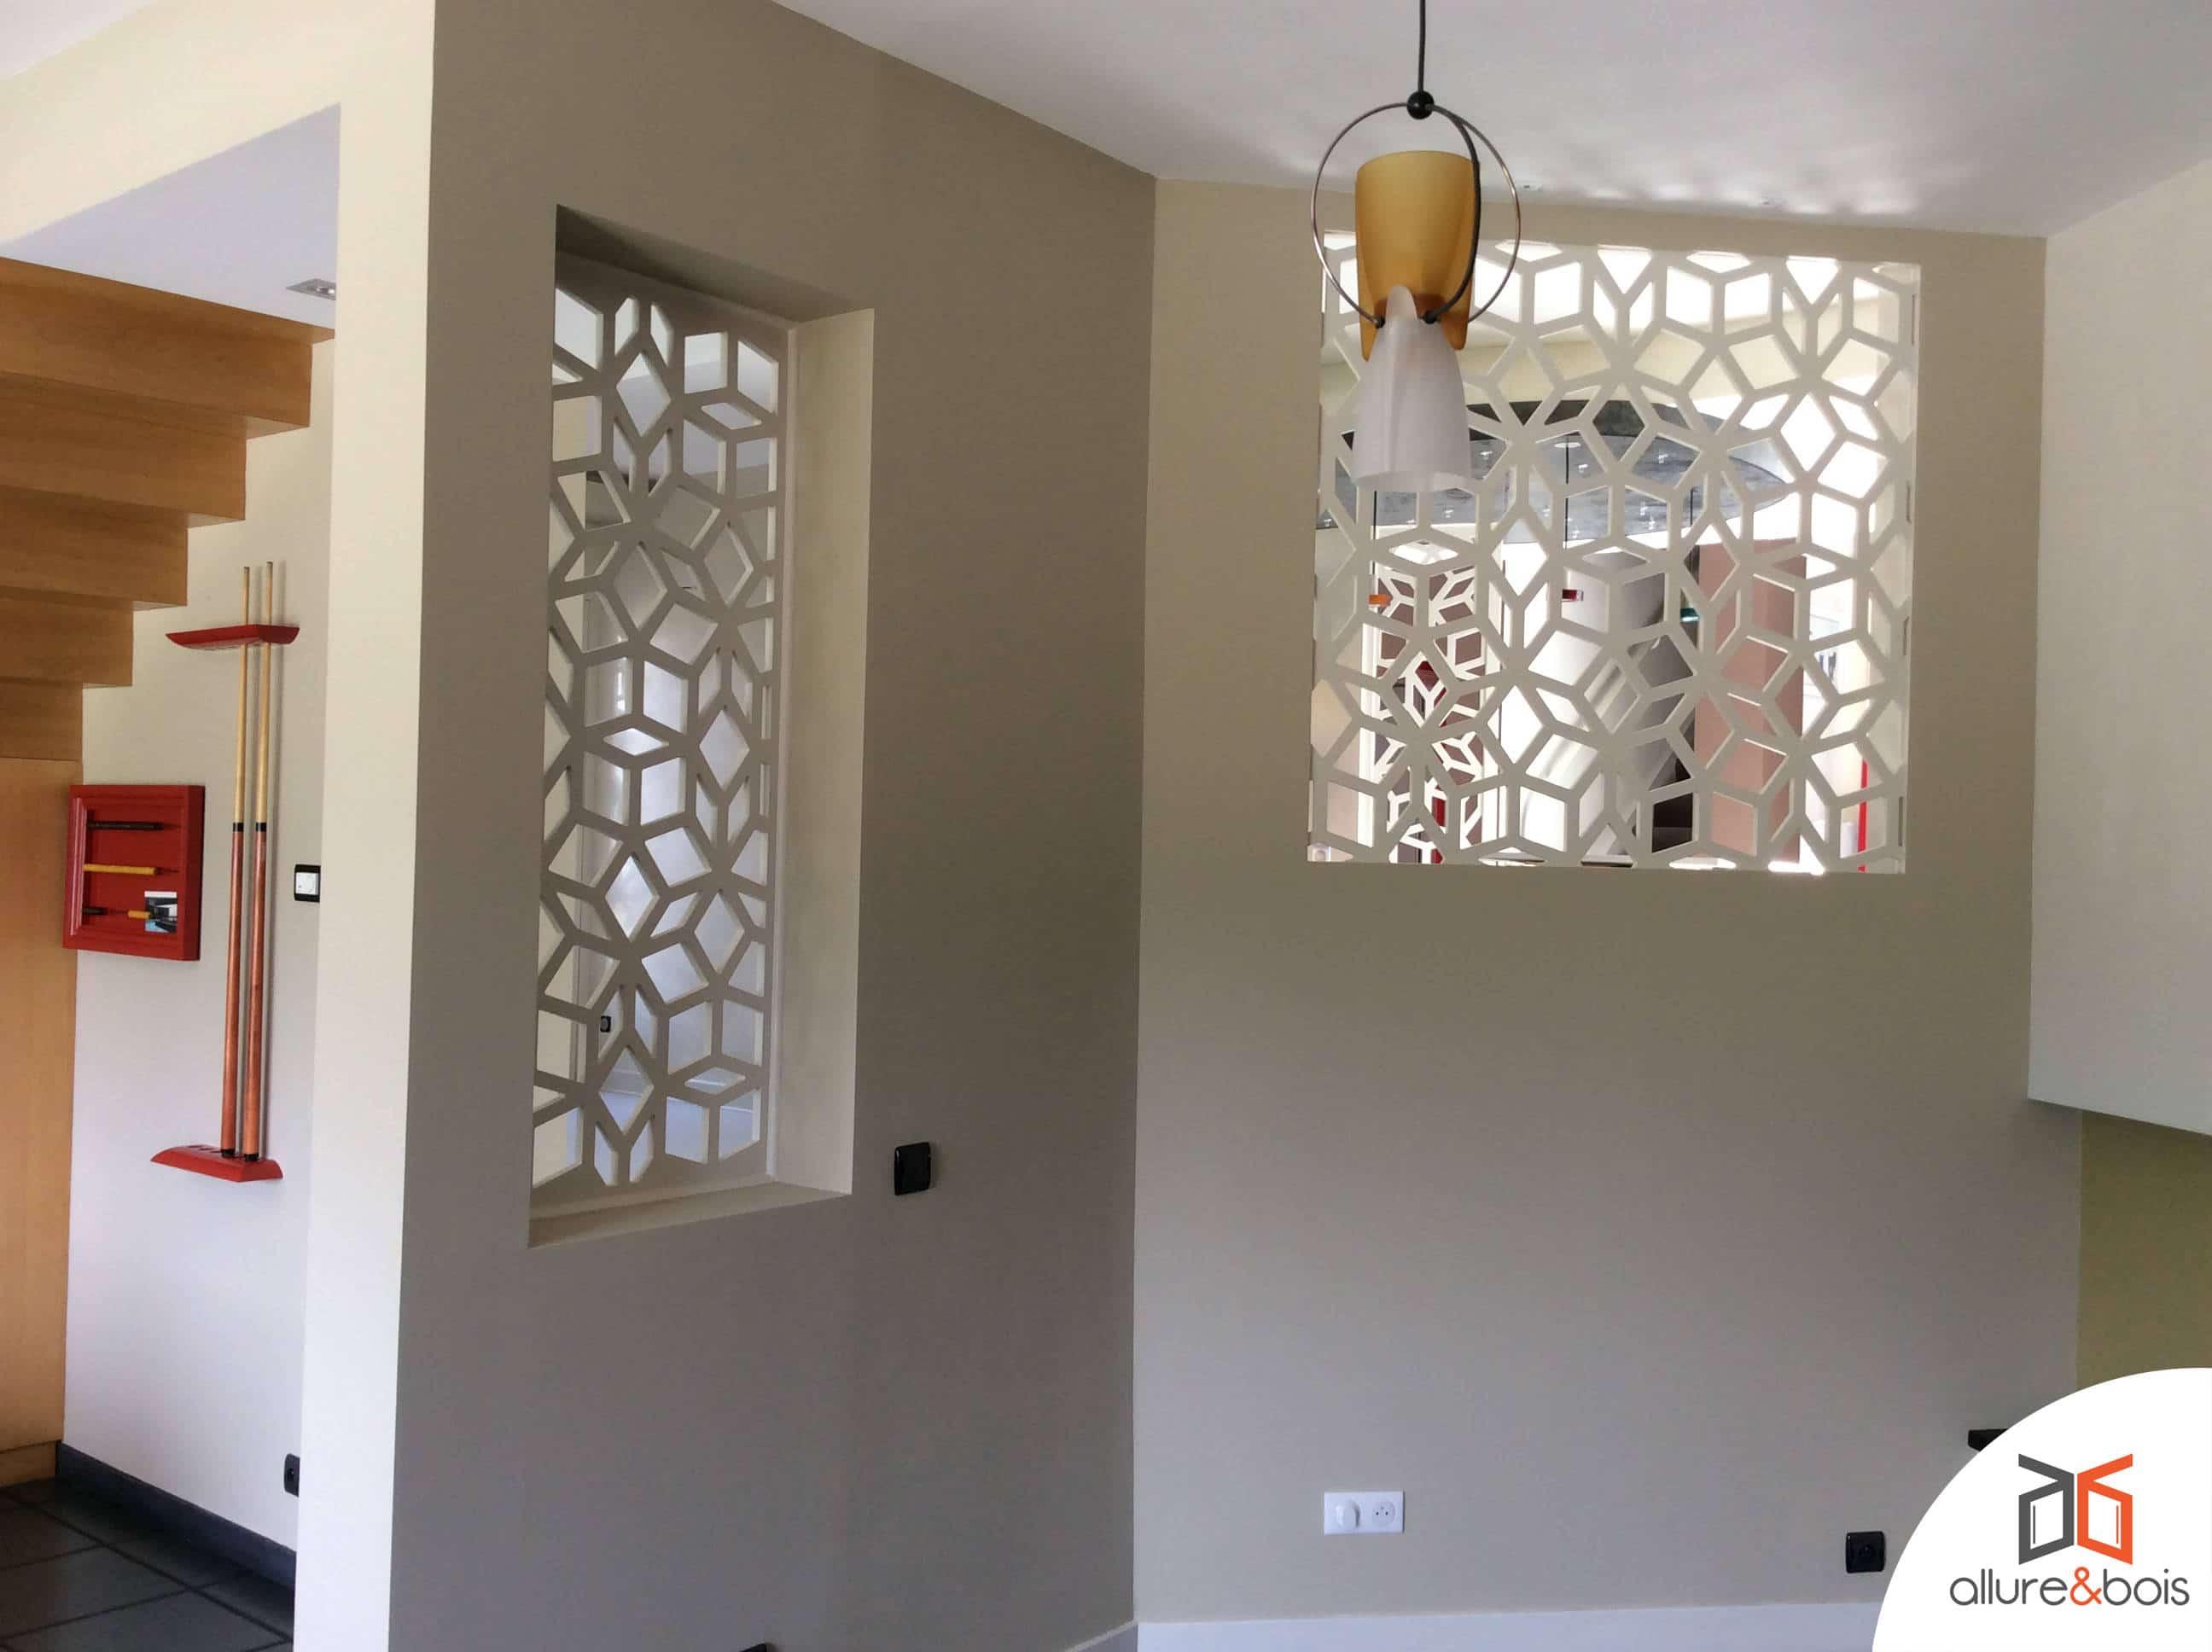 claustra-fenêtre-intégrée-cloison